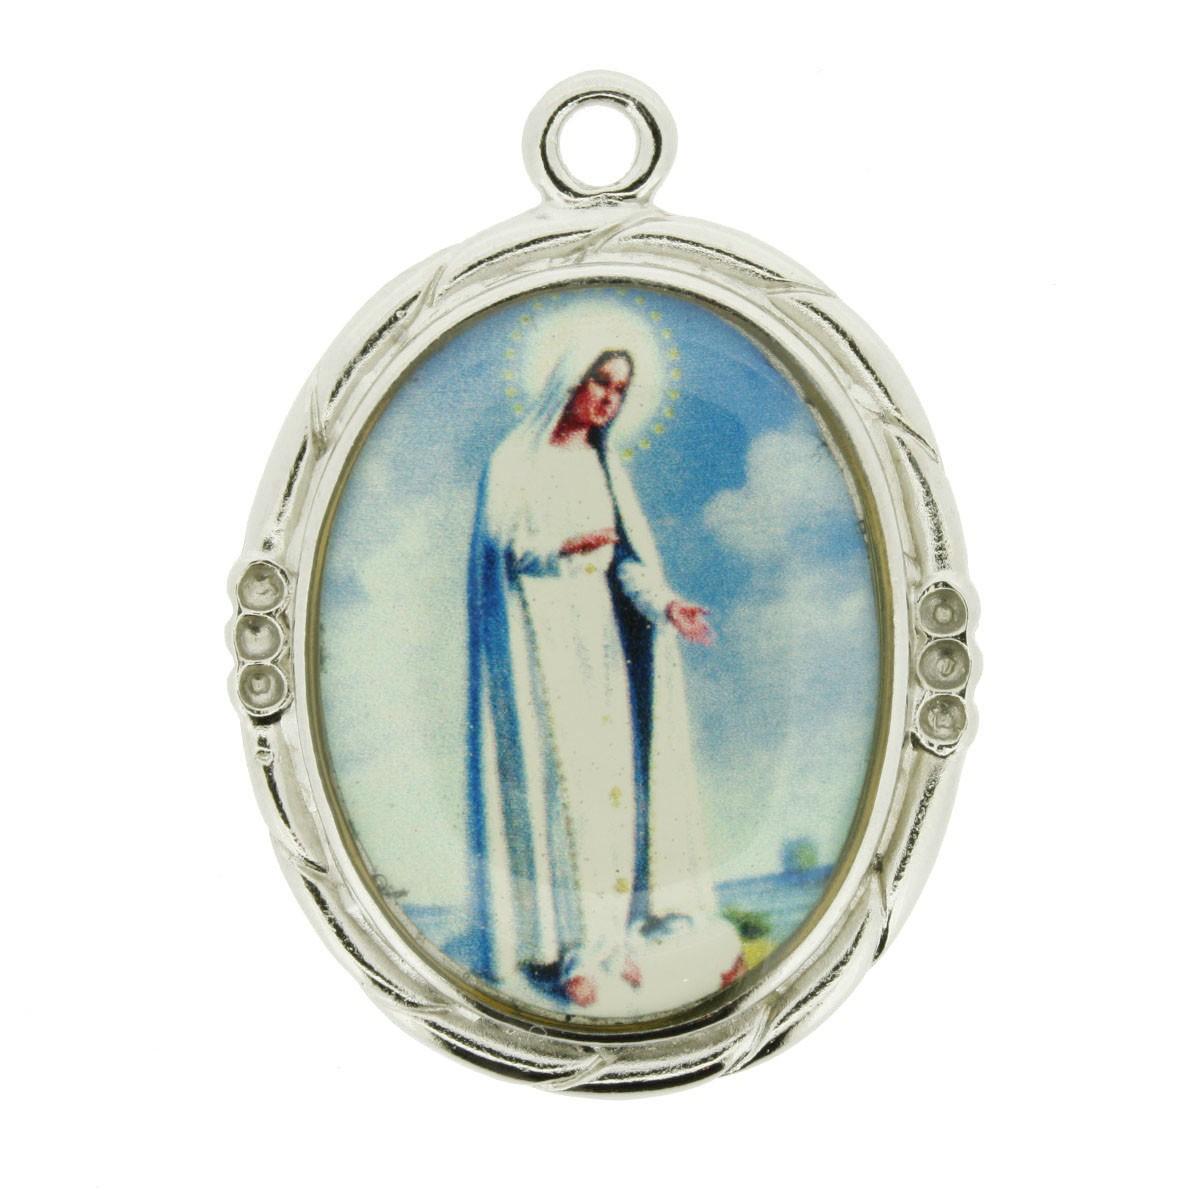 Nossa Senhora de Fátima - Níquel e Resina - 42mm  - Universo Religioso® - Artigos de Umbanda e Candomblé